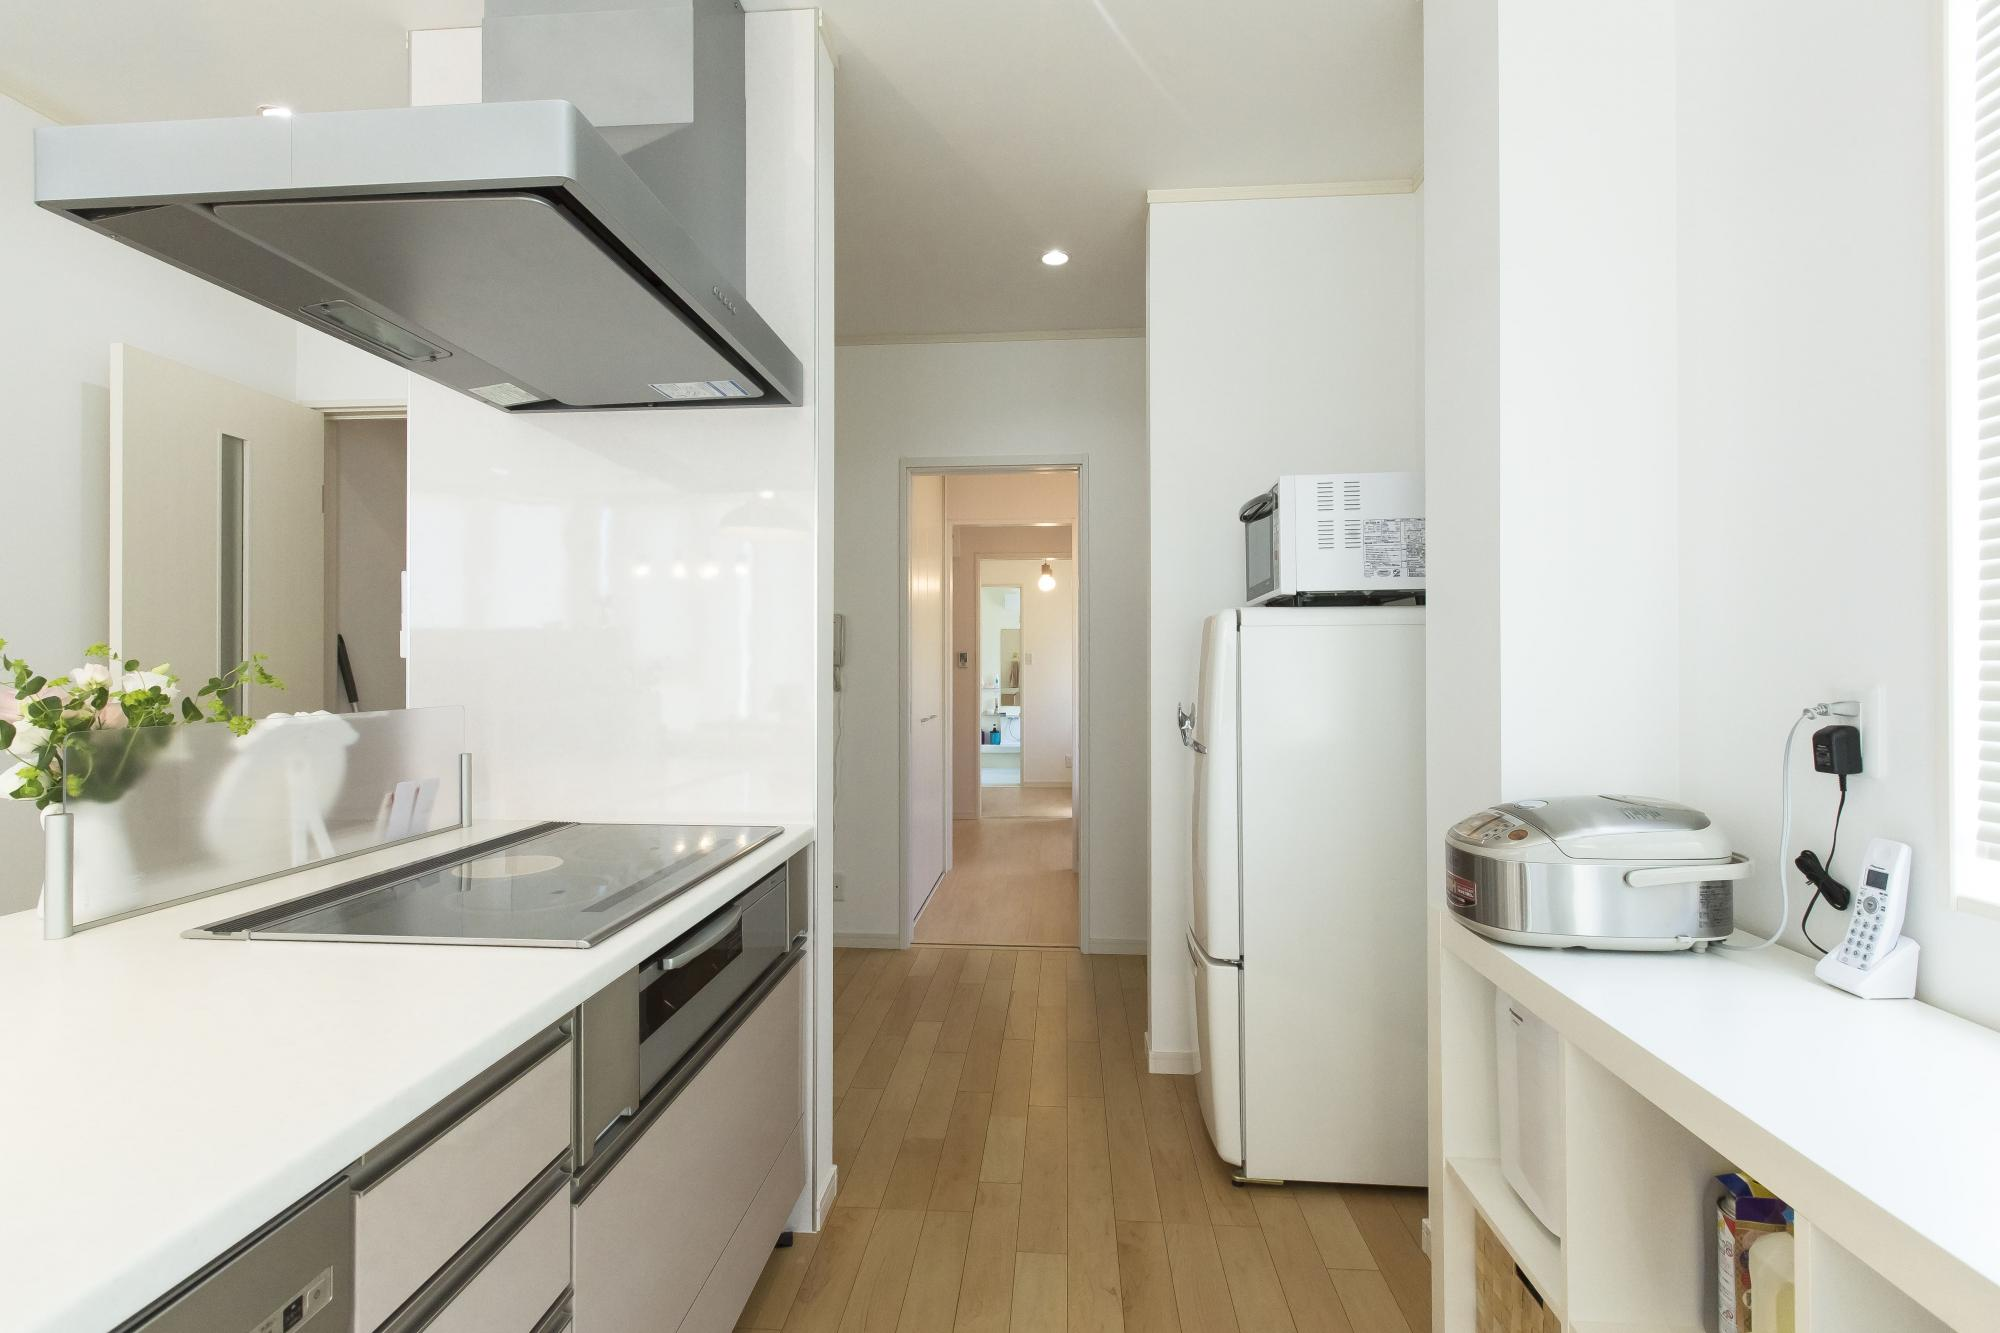 キッチンに隣接して、家事室、ユーティリティ、洗面・浴室を一直線につなげた。それにより家事の効率が向上した。